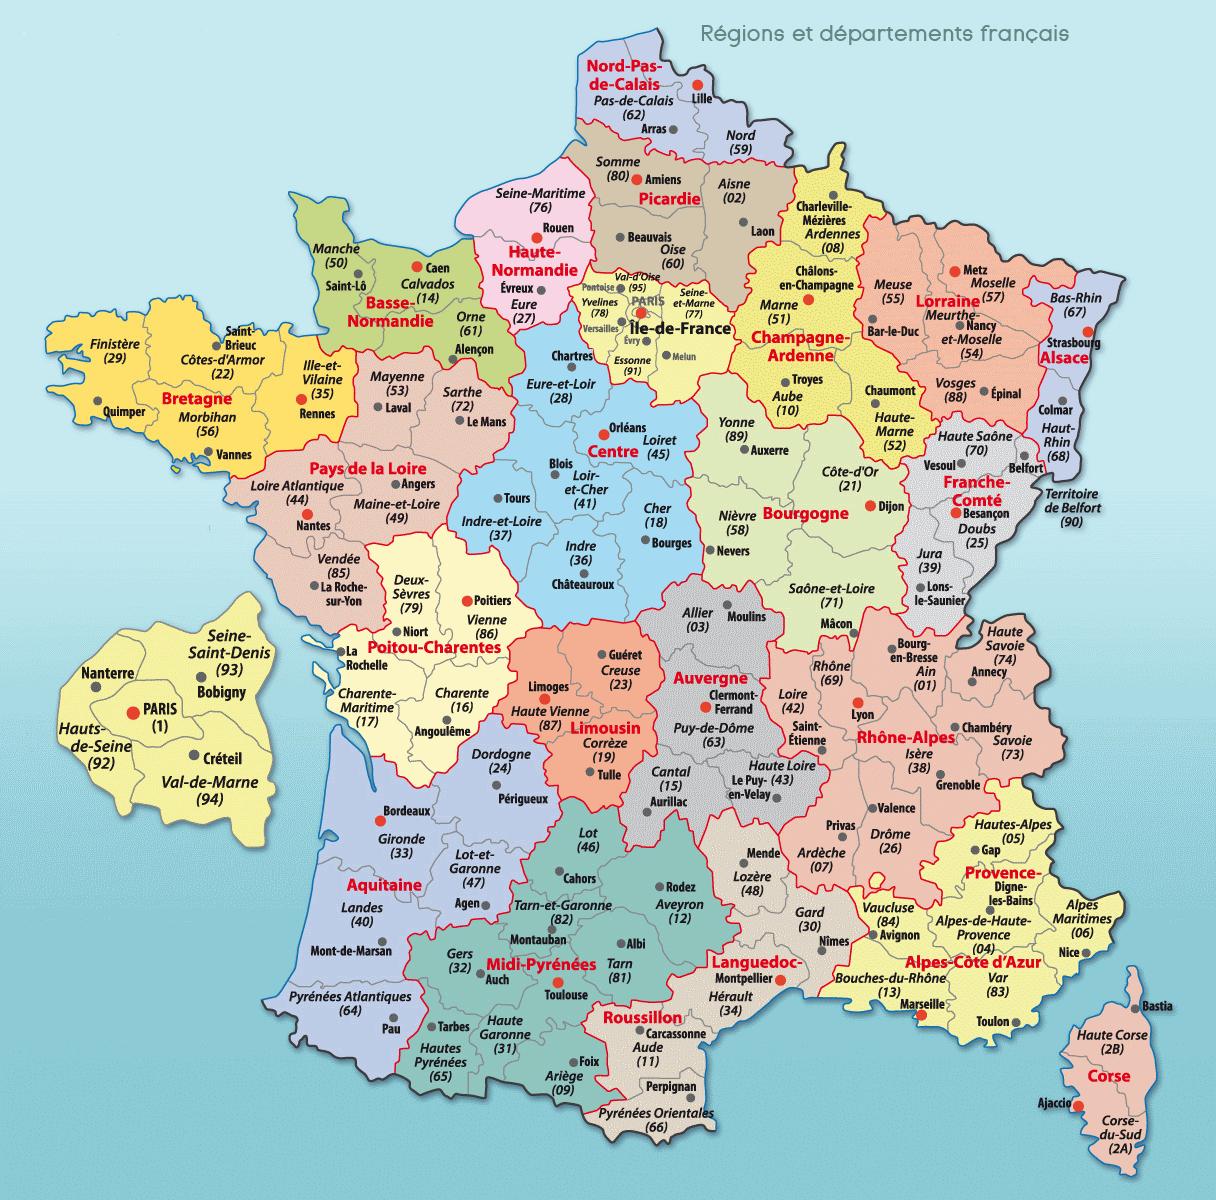 Cartes De France : Cartes Des Régions, Départements Et intérieur Petite Carte De France